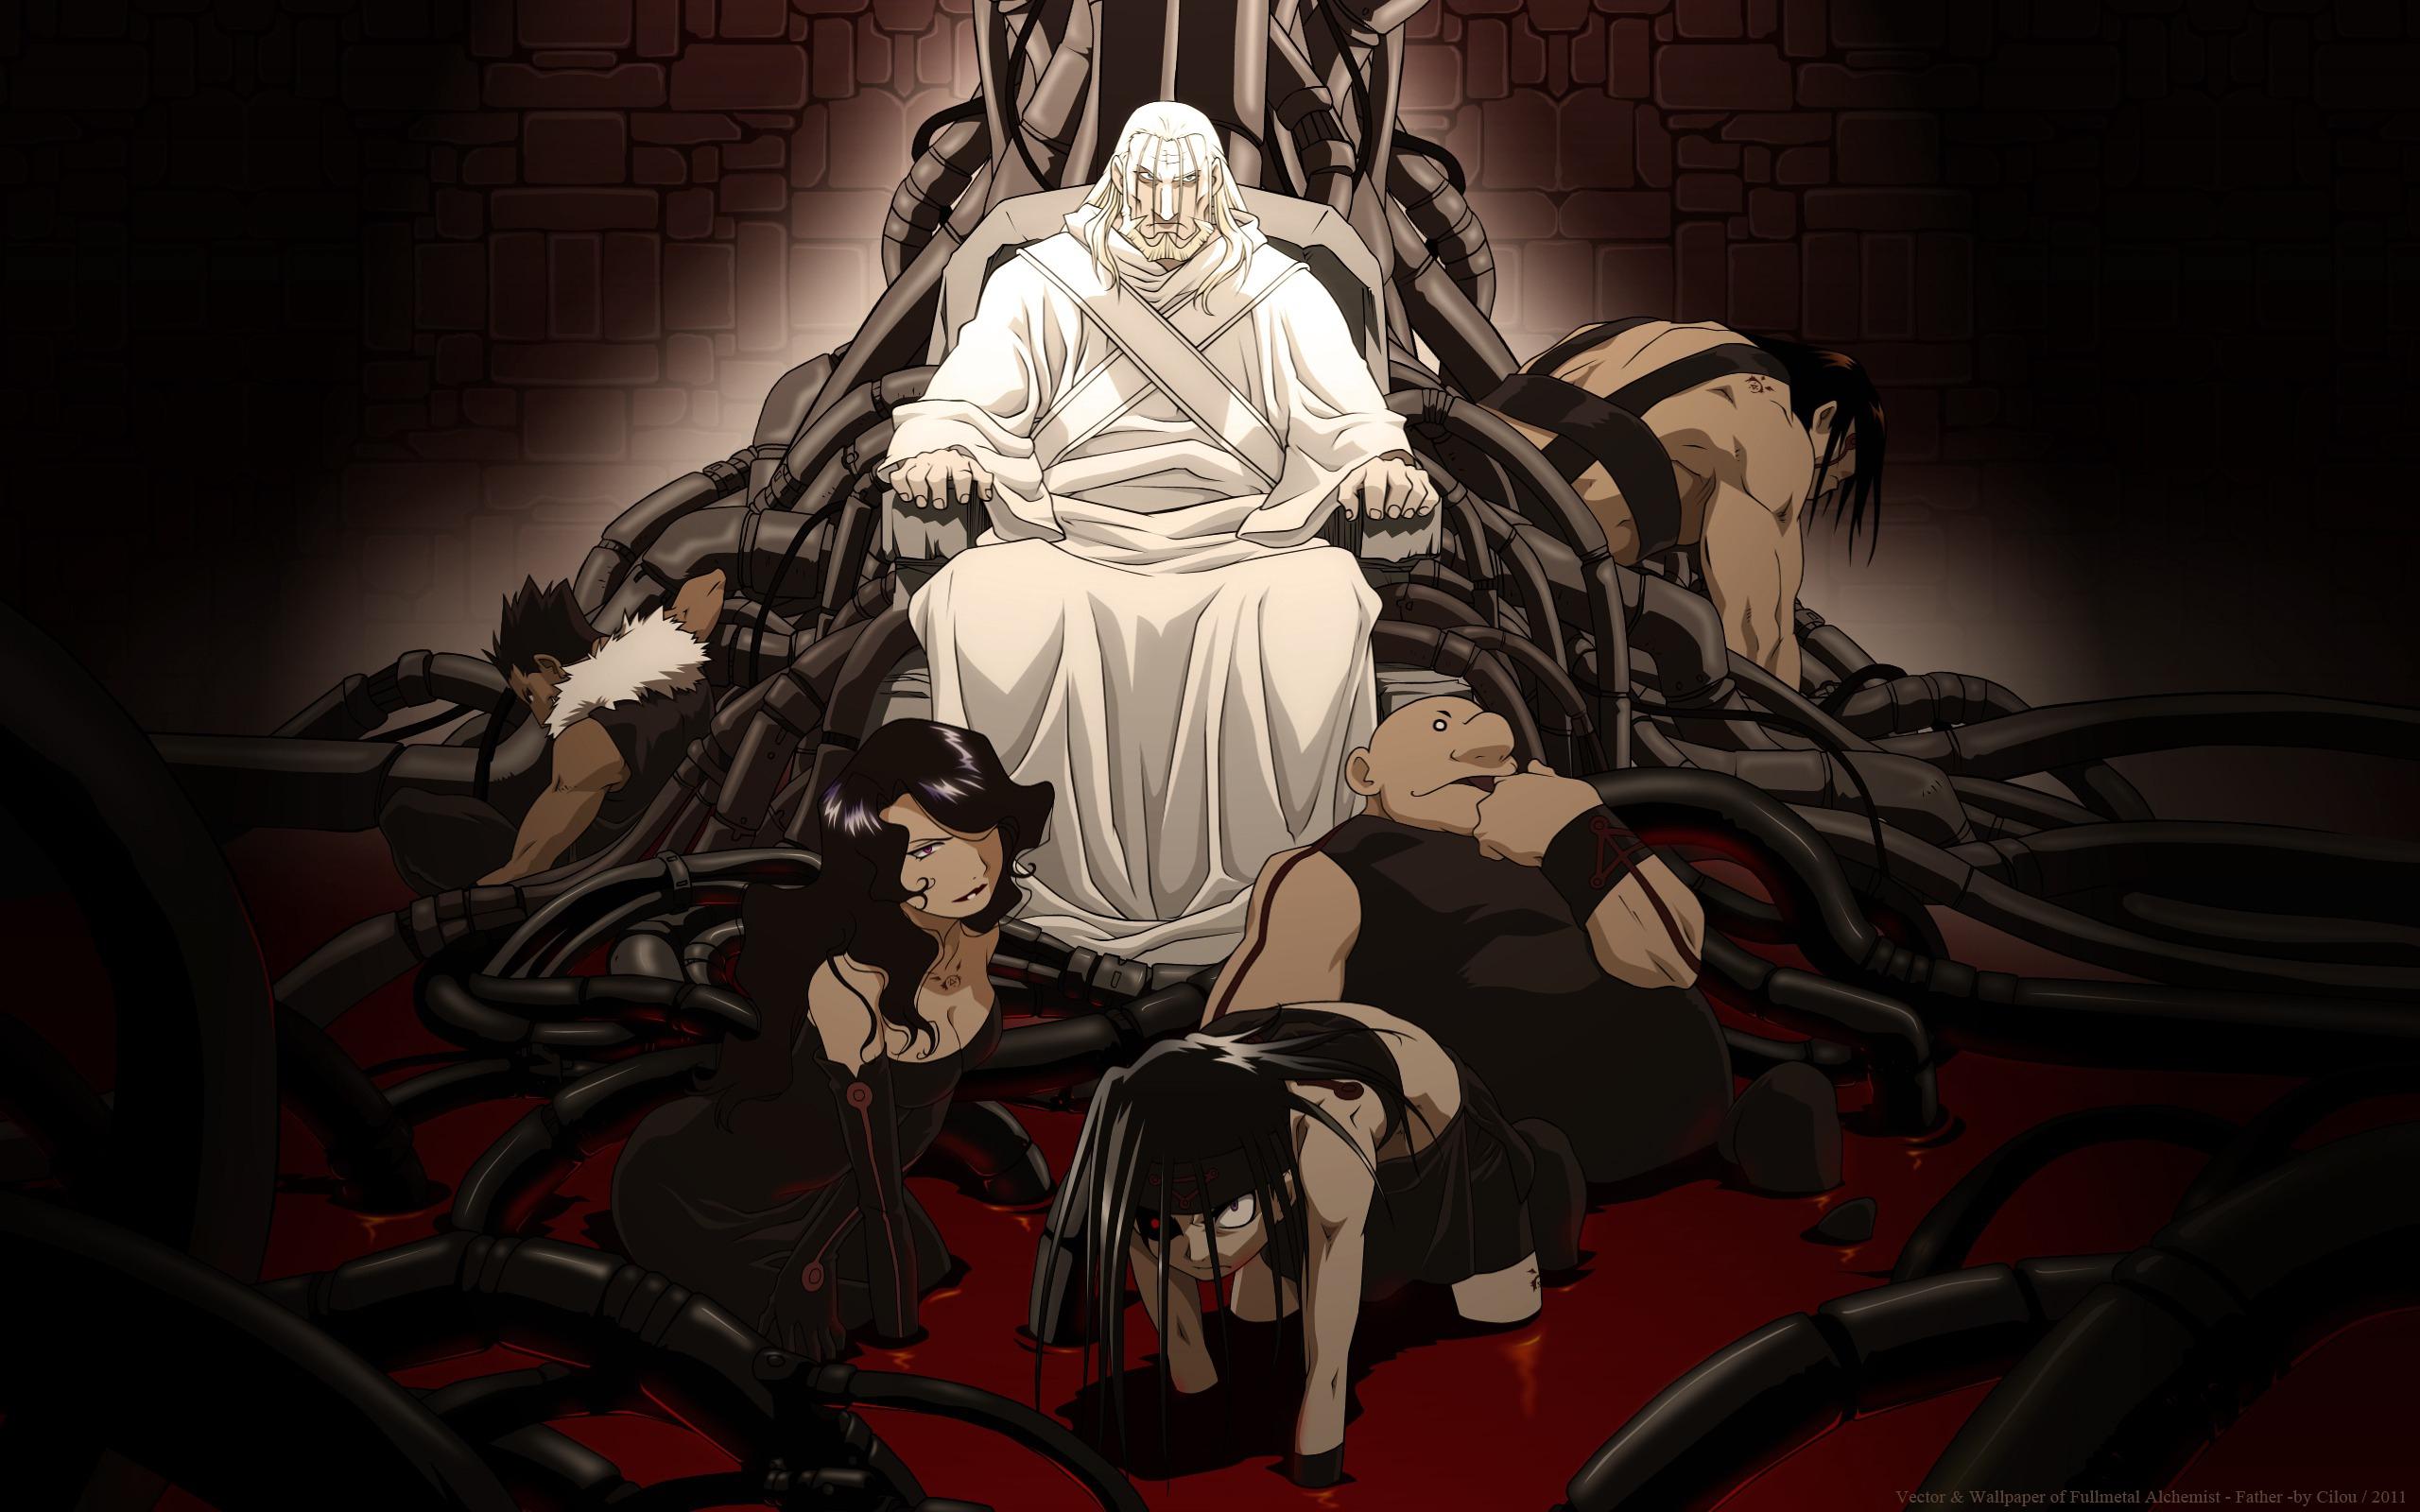 Fullmetal Alchemist Hd Wallpaper Zerochan Anime Image Board